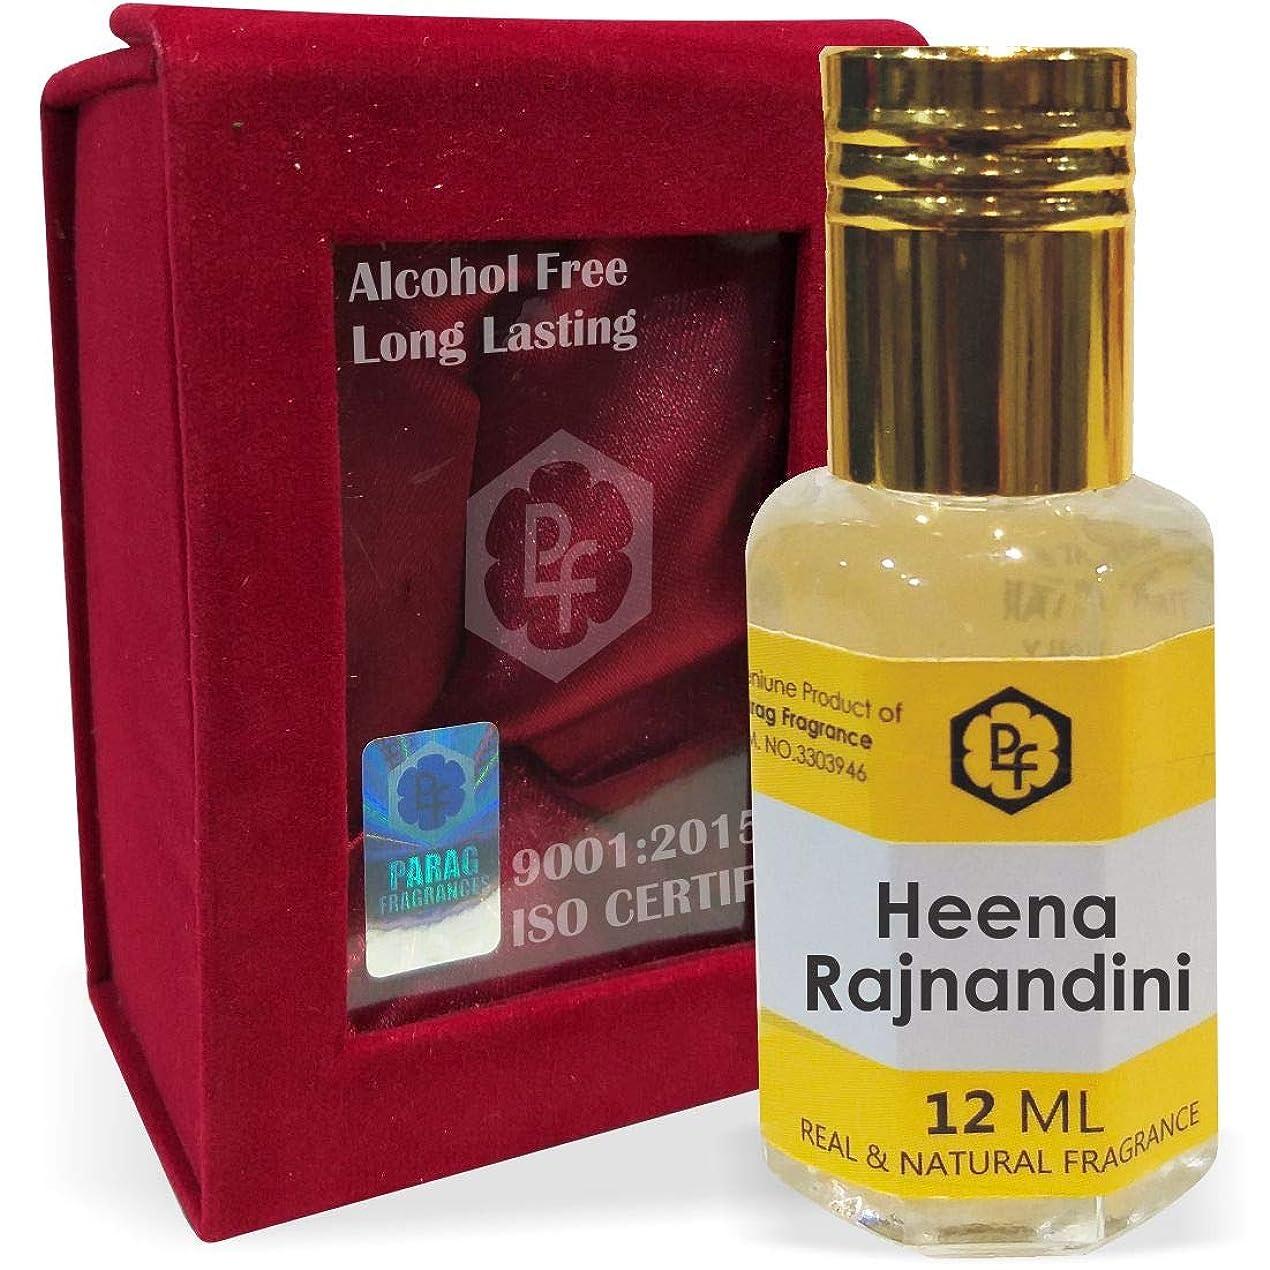 さまよう予防接種昼寝Paragフレグランス手作りベルベットボックスHeena Rajnandini 12ミリリットルアター/香水(インドの伝統的なBhapka処理方法により、インド製)オイル/フレグランスオイル|長持ちアターITRA最高の品質